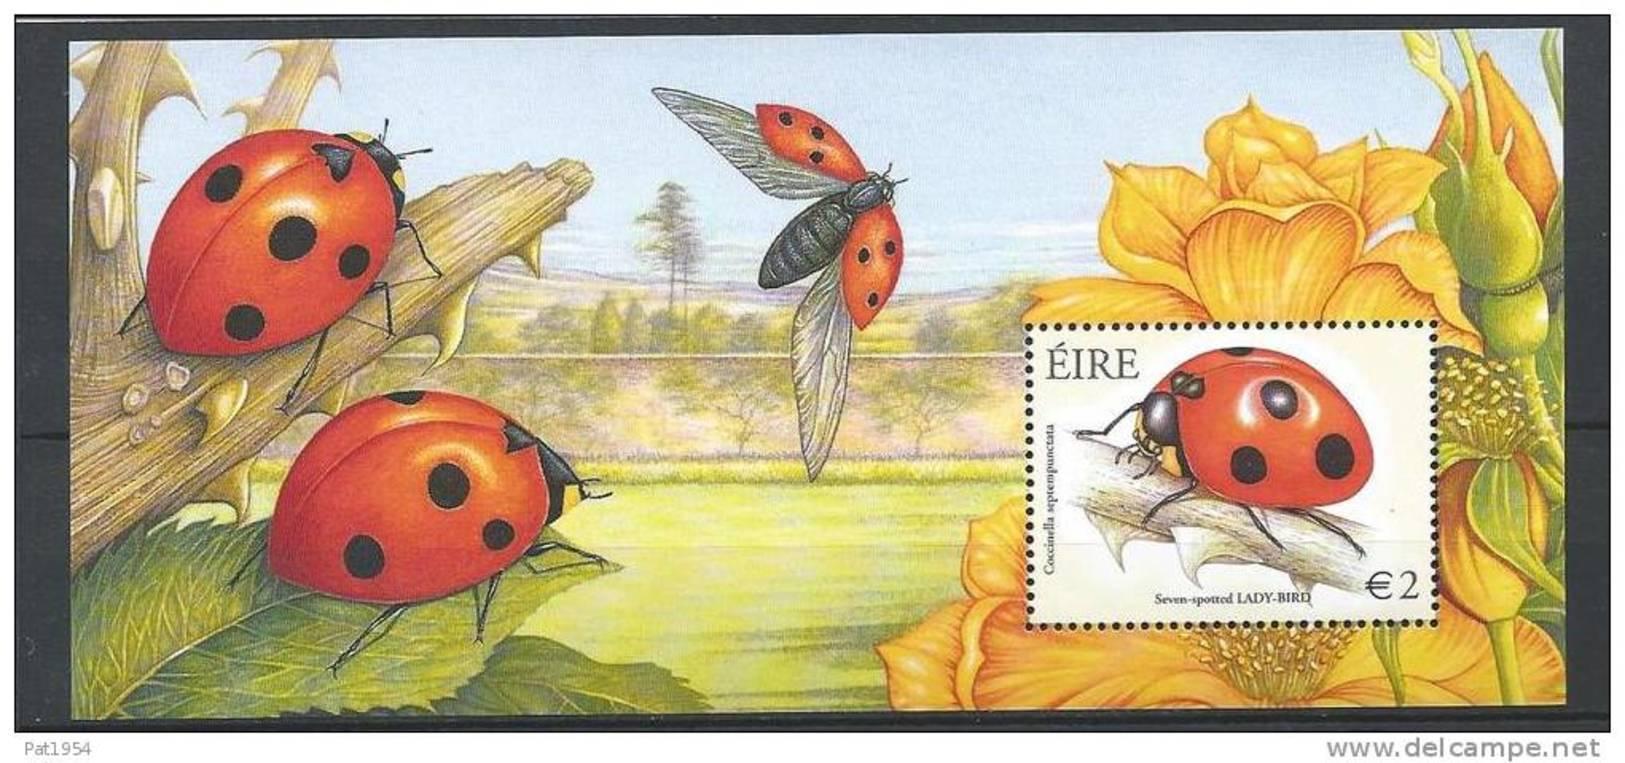 Irlande 2003 Bloc  N°49 Neuf Avec Animal Coccinelles - Blocs-feuillets